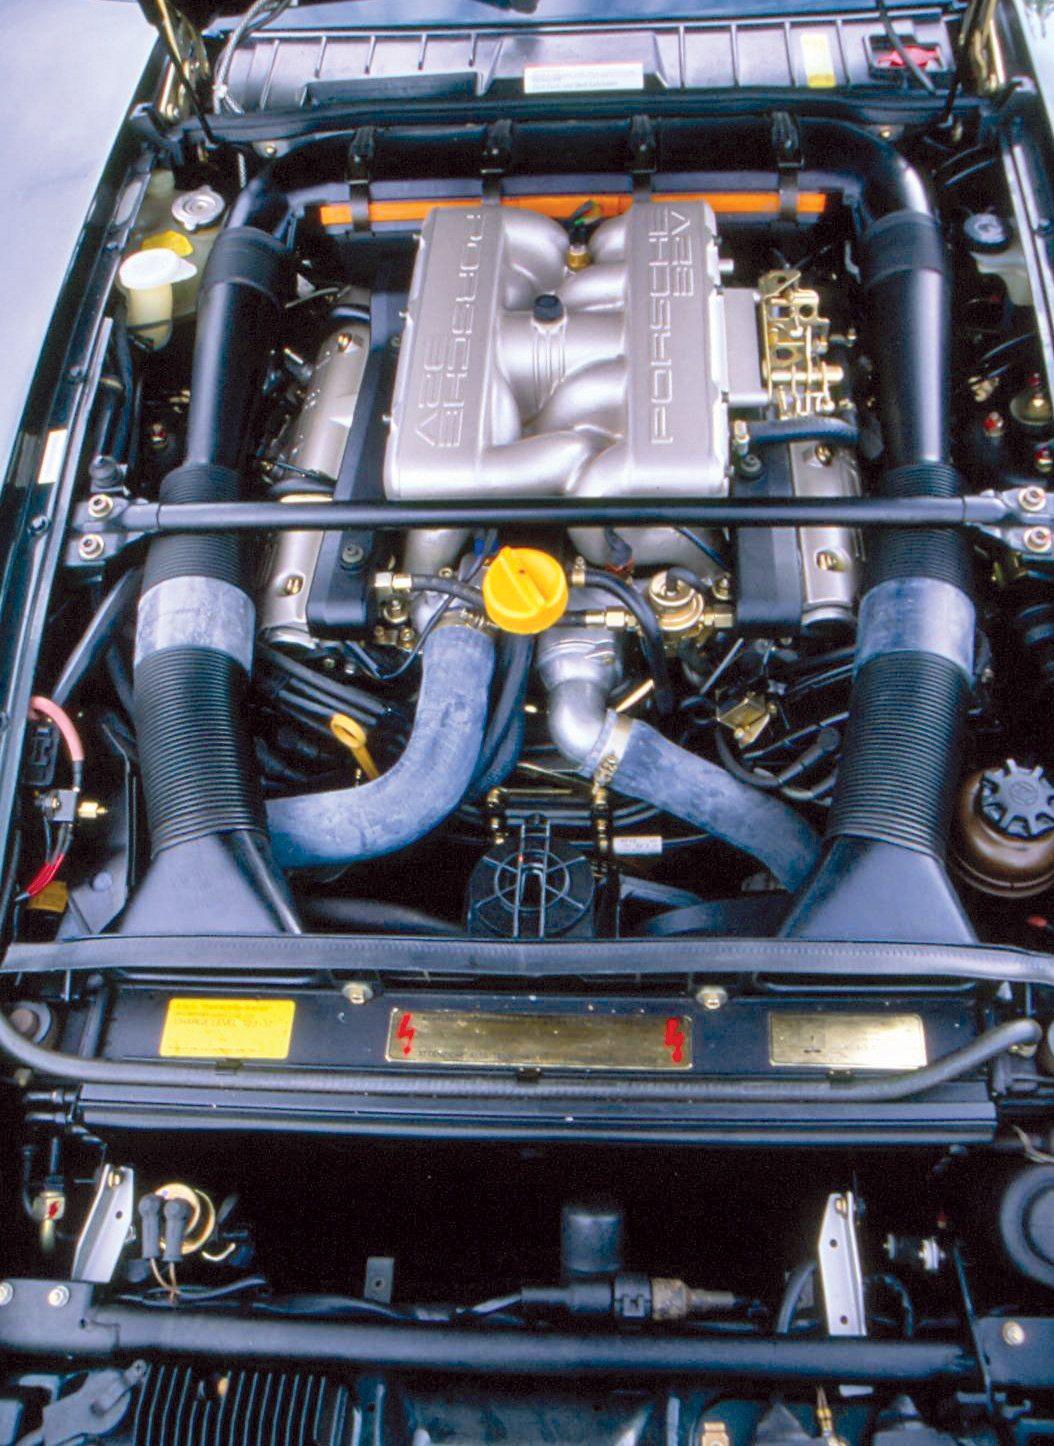 1989 Porsche 928 5.4l V8 Engine